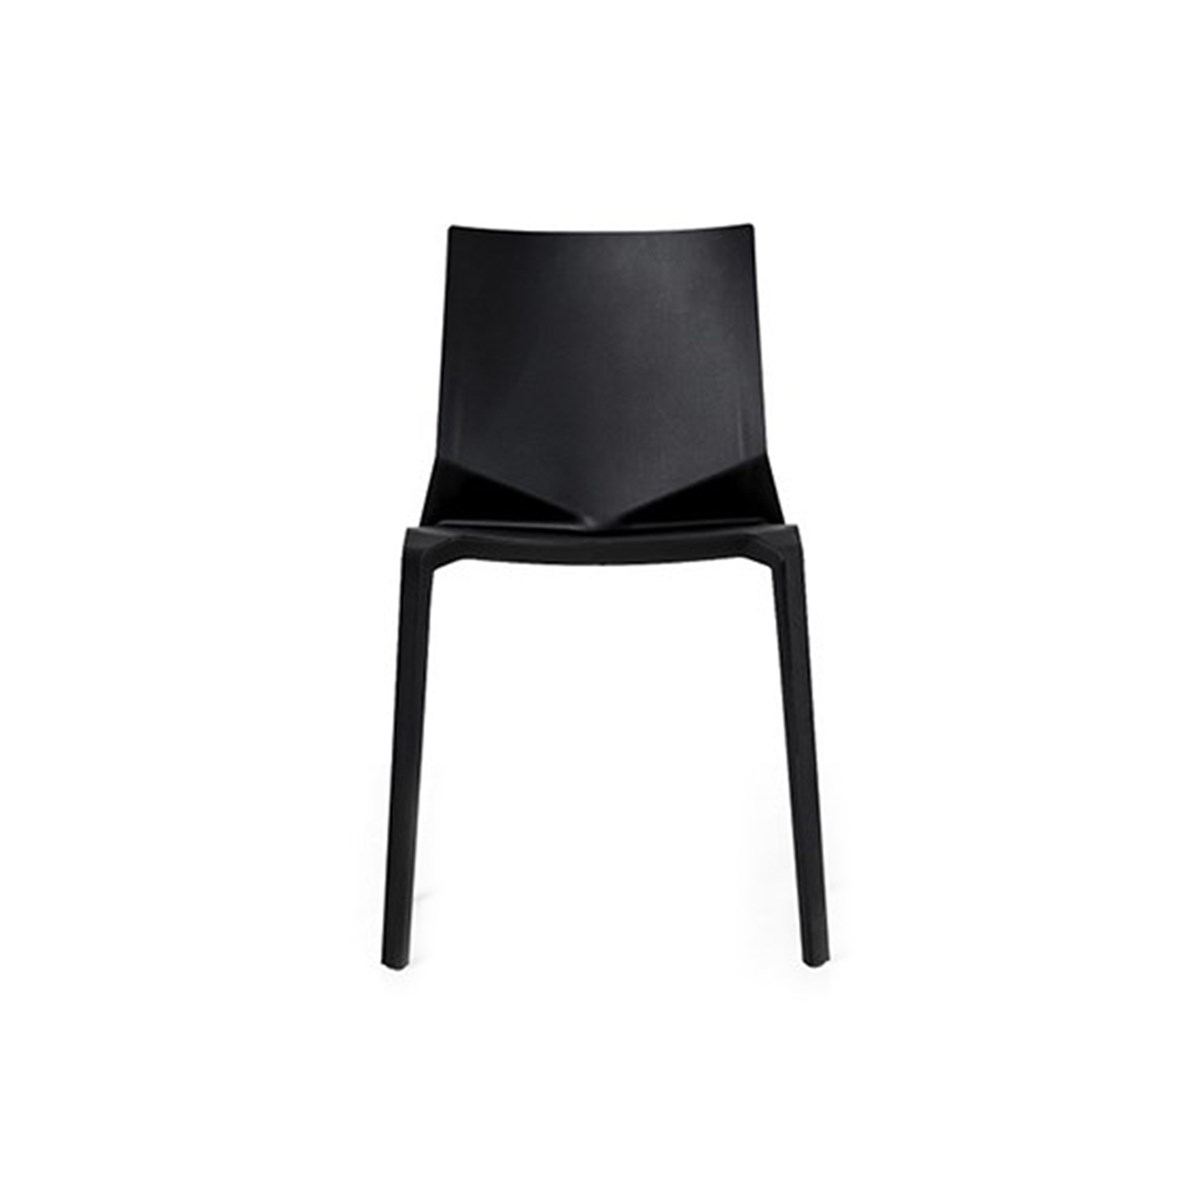 Kristalia-Lucidi-Pevere-Plana-Chair-Matisse-1